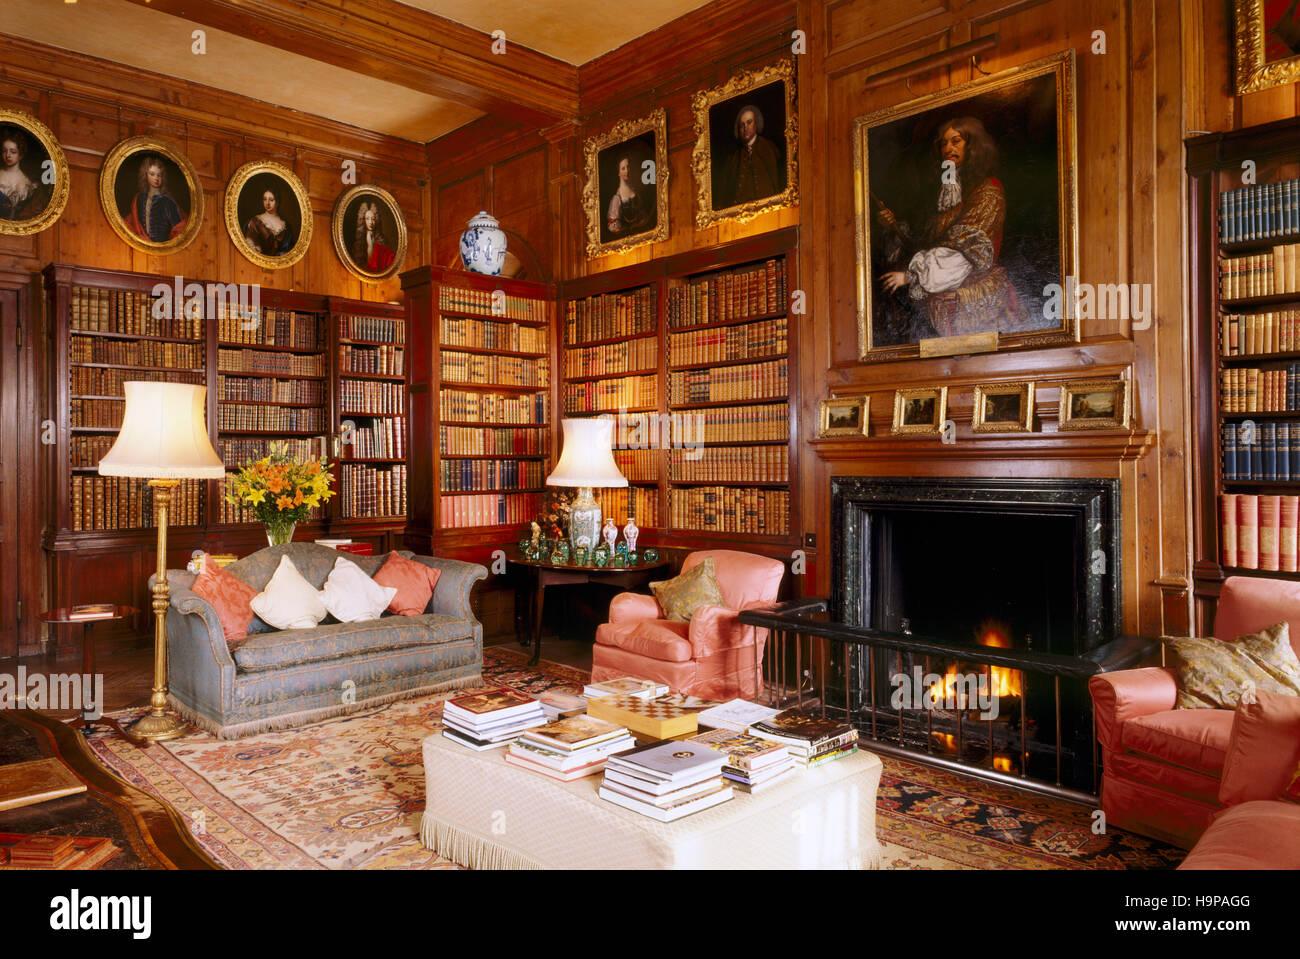 zimmer ansicht der bibliothek in antony haus mit kamin b cherregal st hle und kiefer. Black Bedroom Furniture Sets. Home Design Ideas